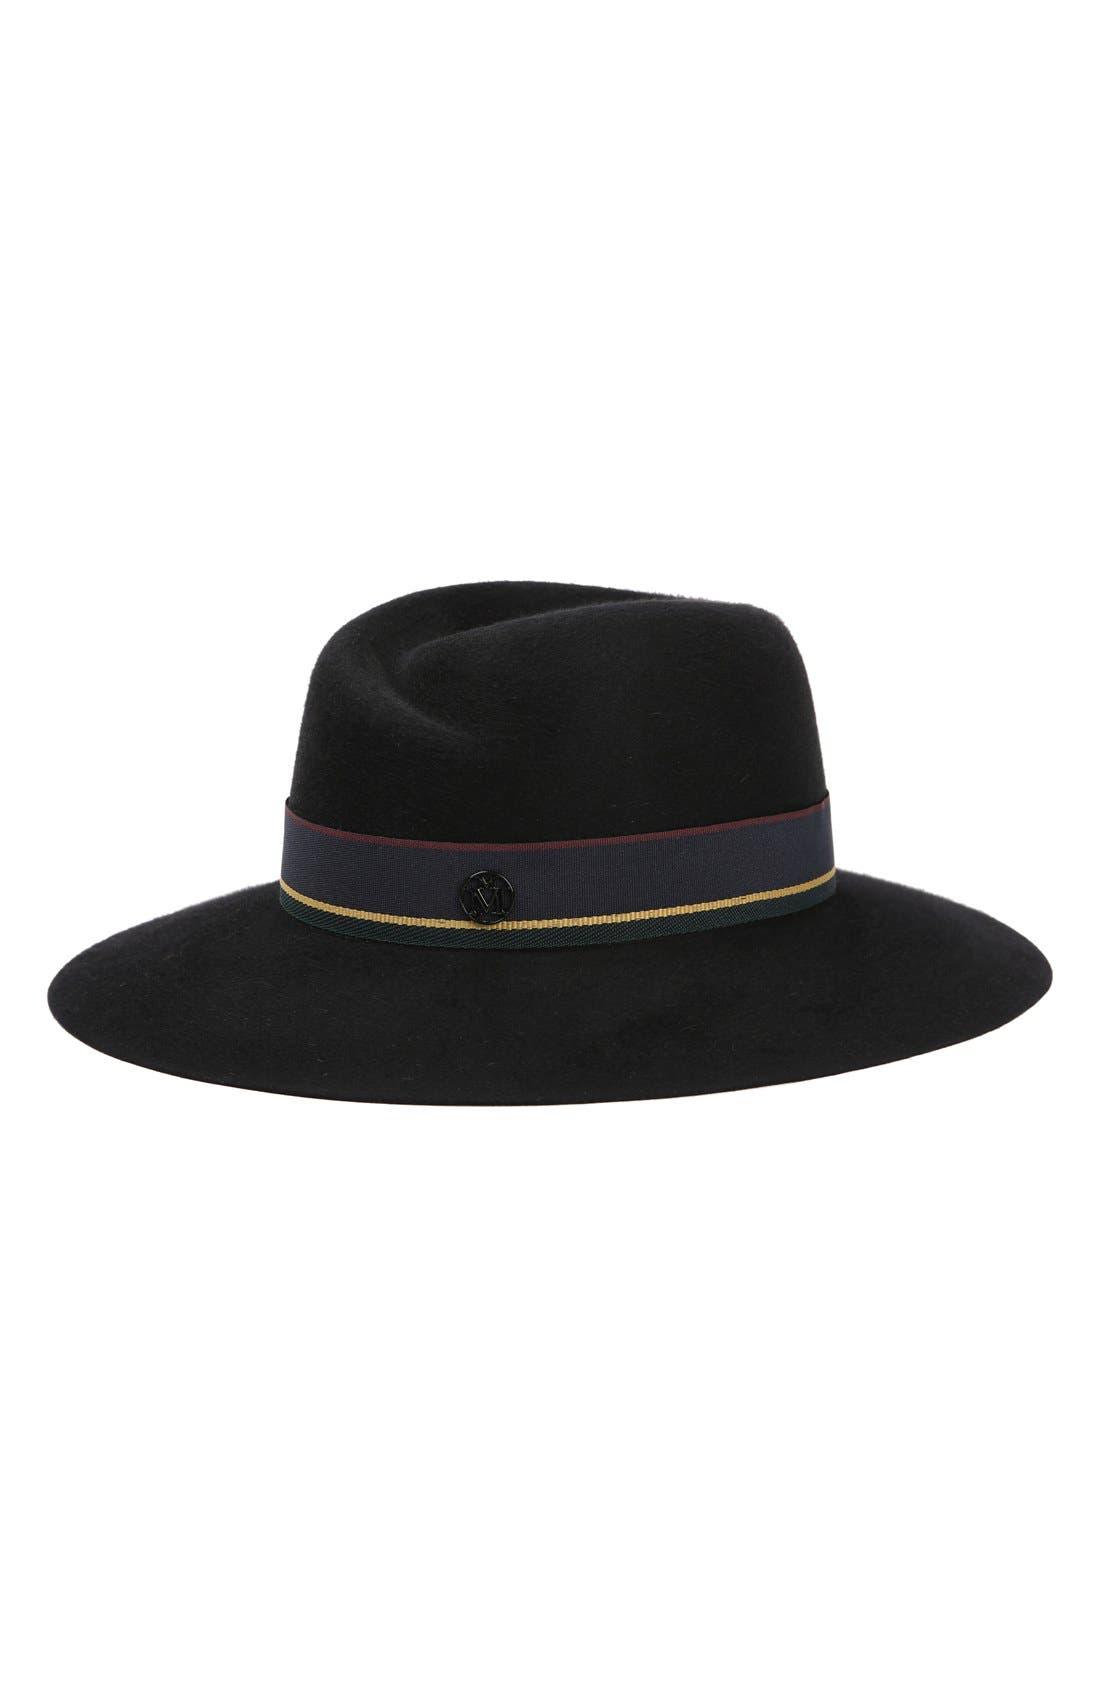 Maison Michel 'Virginie' Genuine Fur Felt Hat